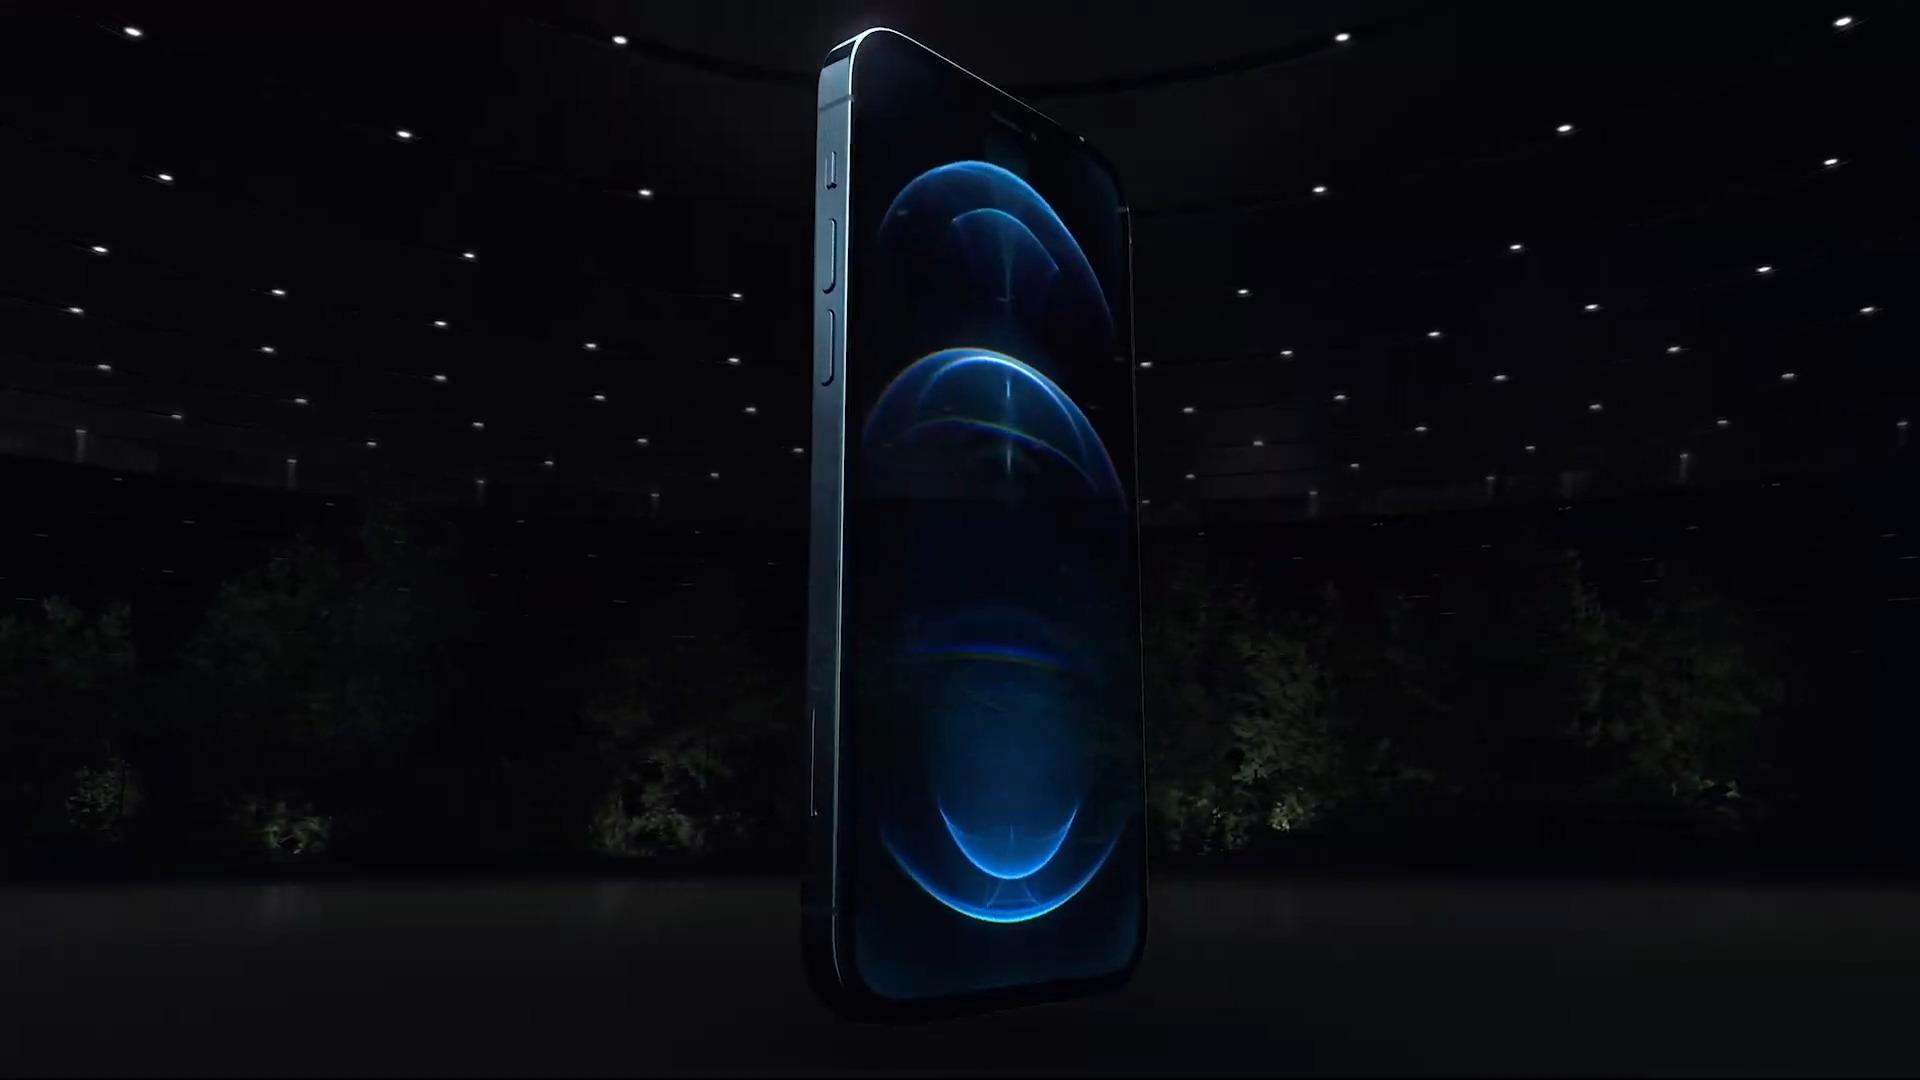 Apple、iPhone 12 ProとiPhone 12 Pro Maxを発表!12 Pro Maxはカメラがすごすぎてコンデジキラーになるかもしれない